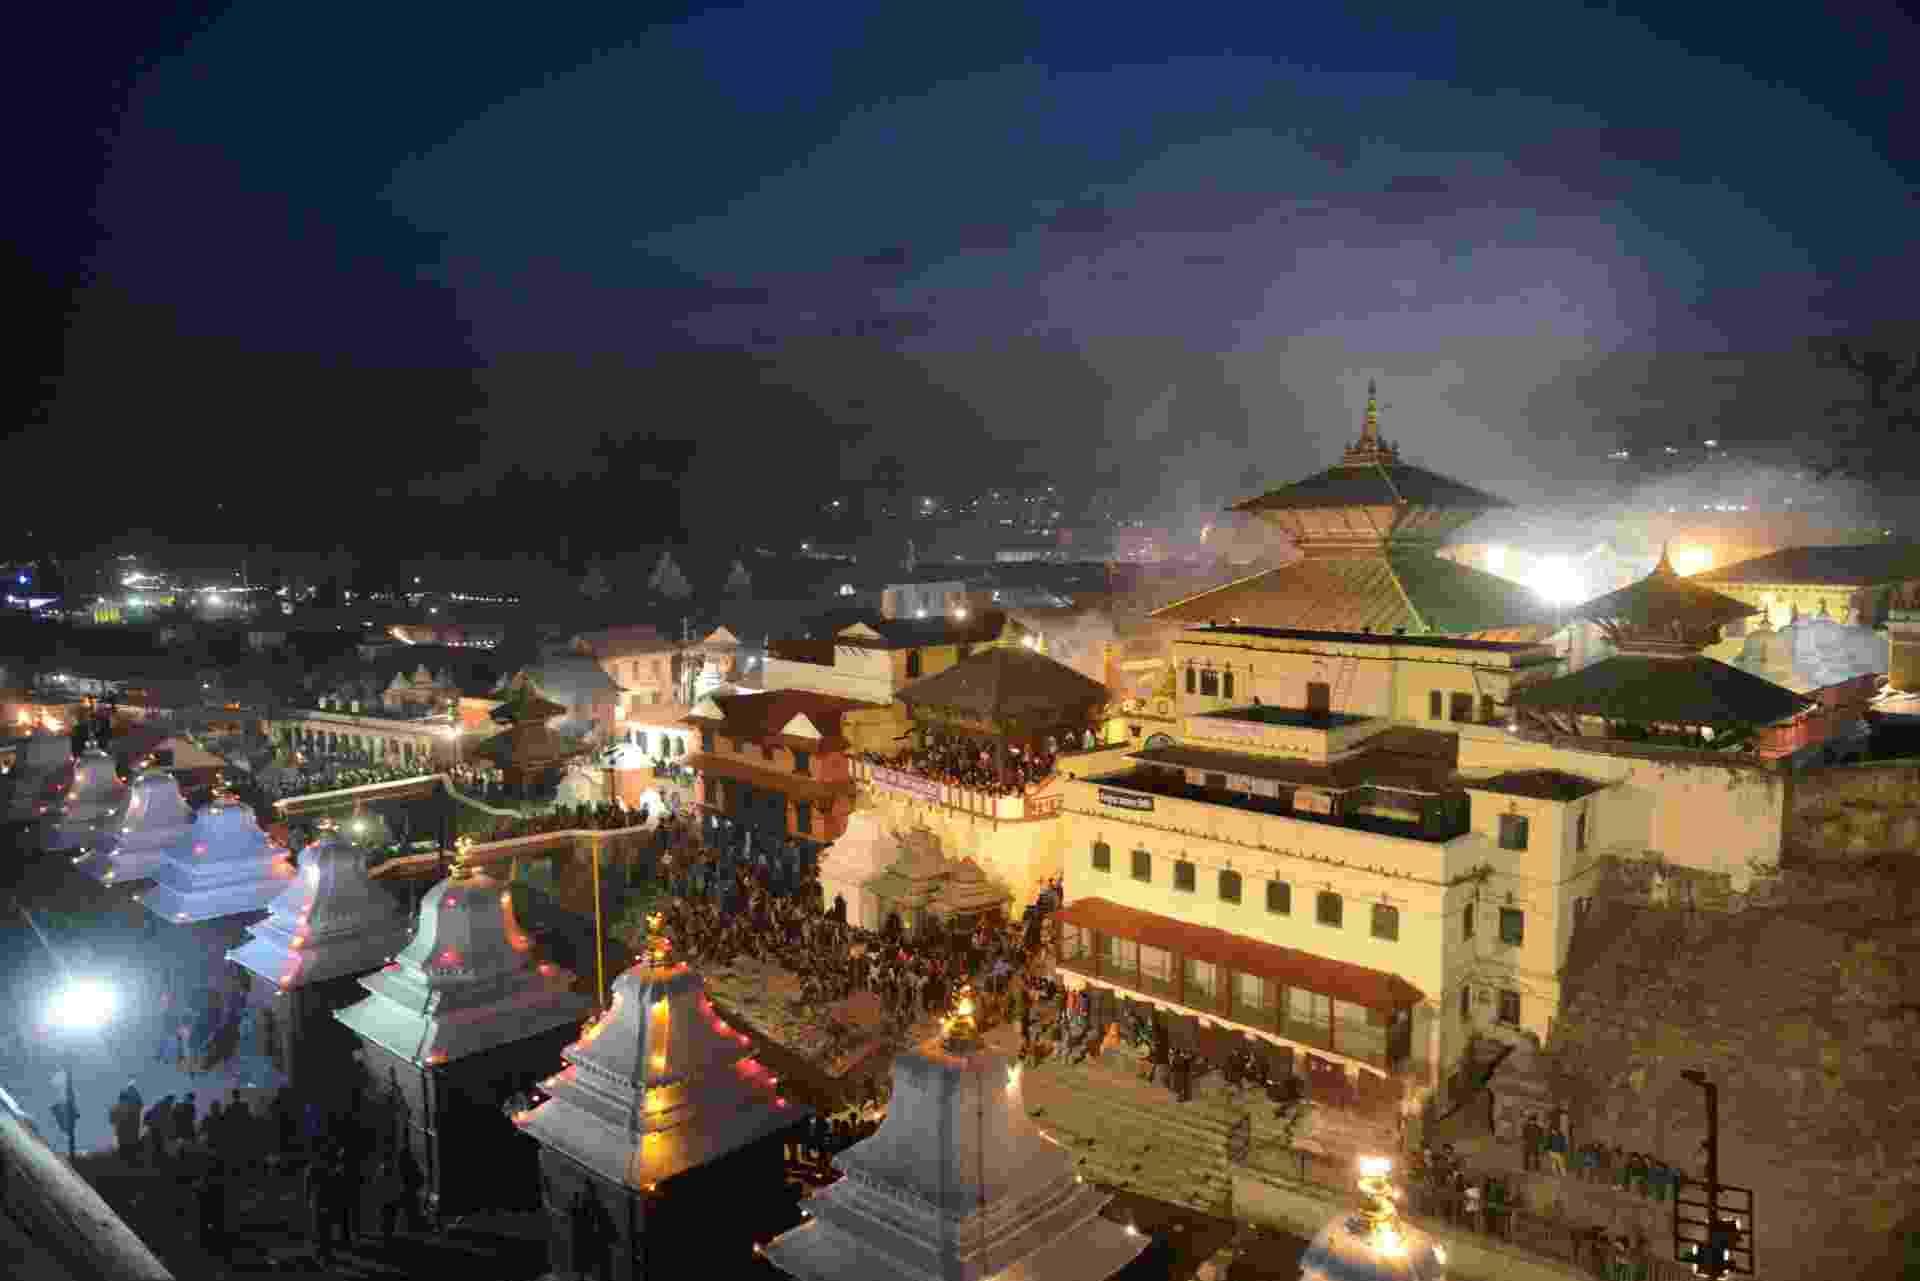 27.fev.2014 - Devotos hindus se reúnem durante o crepúsculo no templo Pashupatinath, durante o festival Maha Shivaratri, em Katmandu, no Nepal, nesta quinta-feira (27). Durante o festival, hinduístas oferecem orações especiais e jejuam. Centenas de sadhus (espécie de monges andarilhos) chegaram à Pashupatinath para participar das festividades - Prakash Mathema/AFP